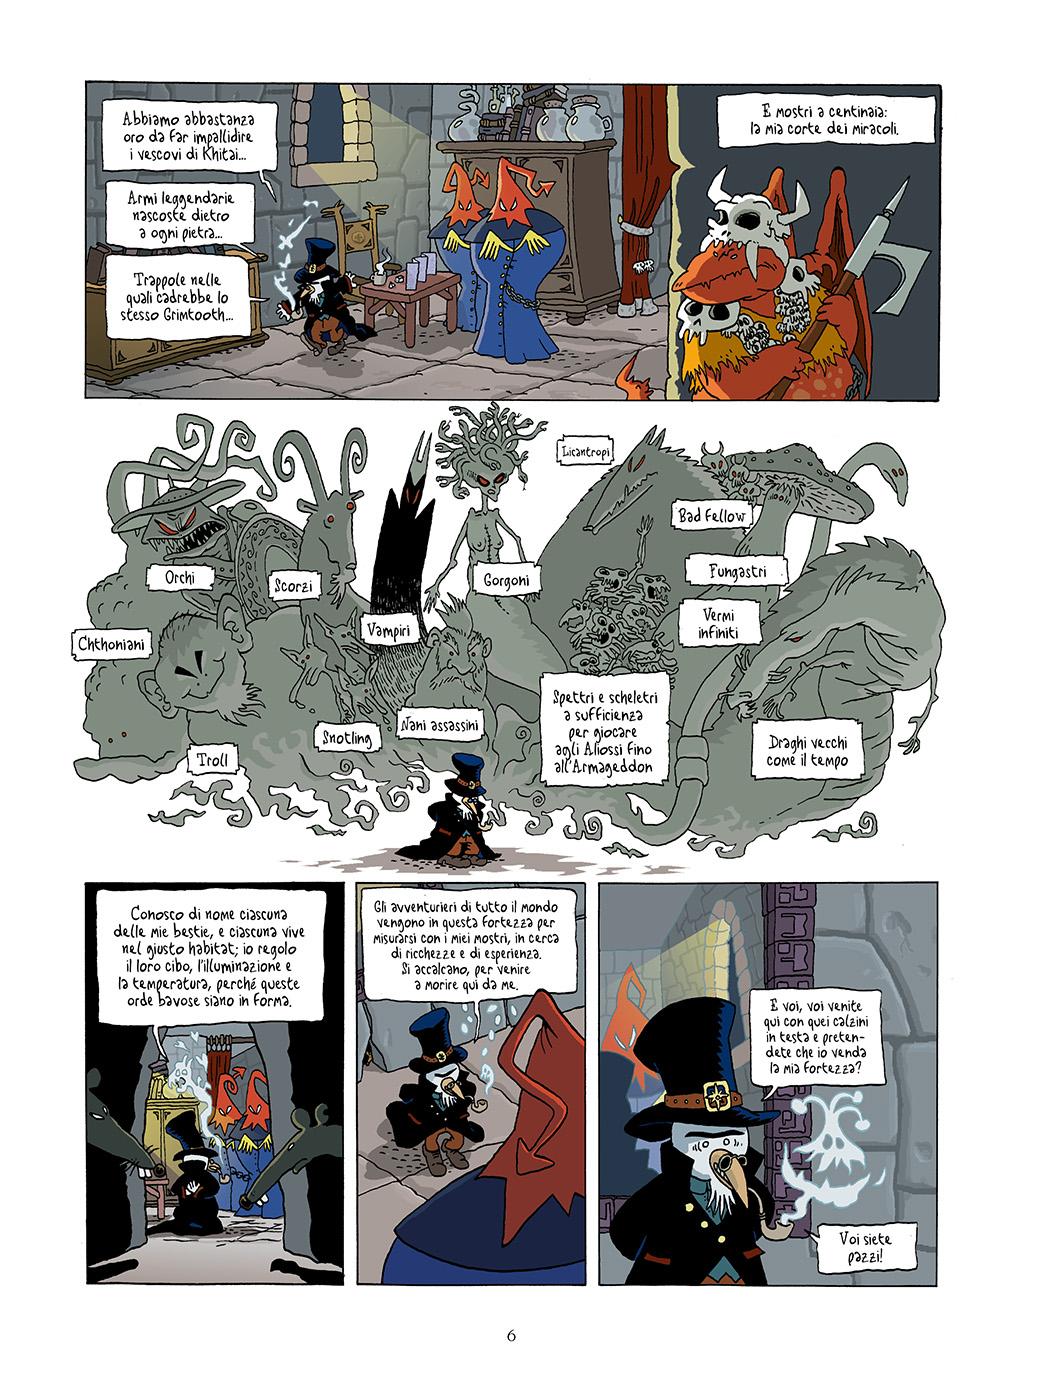 La Fortezza Vol. 1 & 2 | Recensione 1